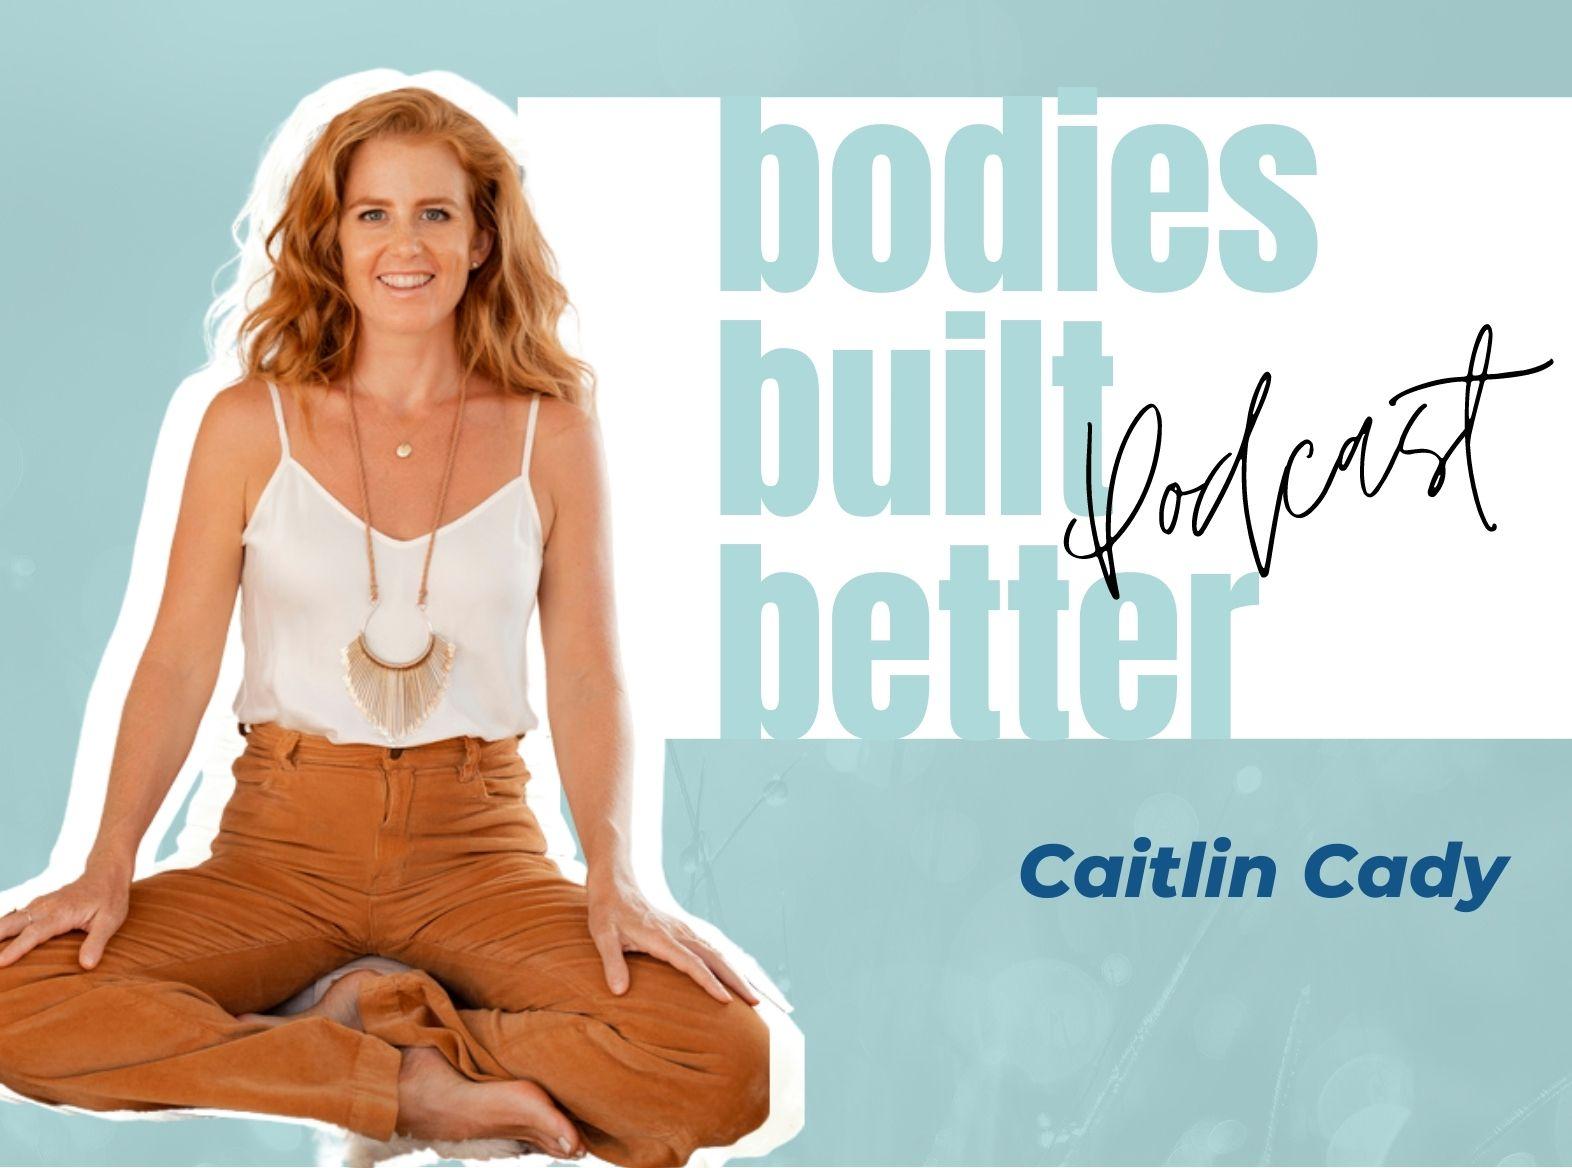 CAITLIN CADY